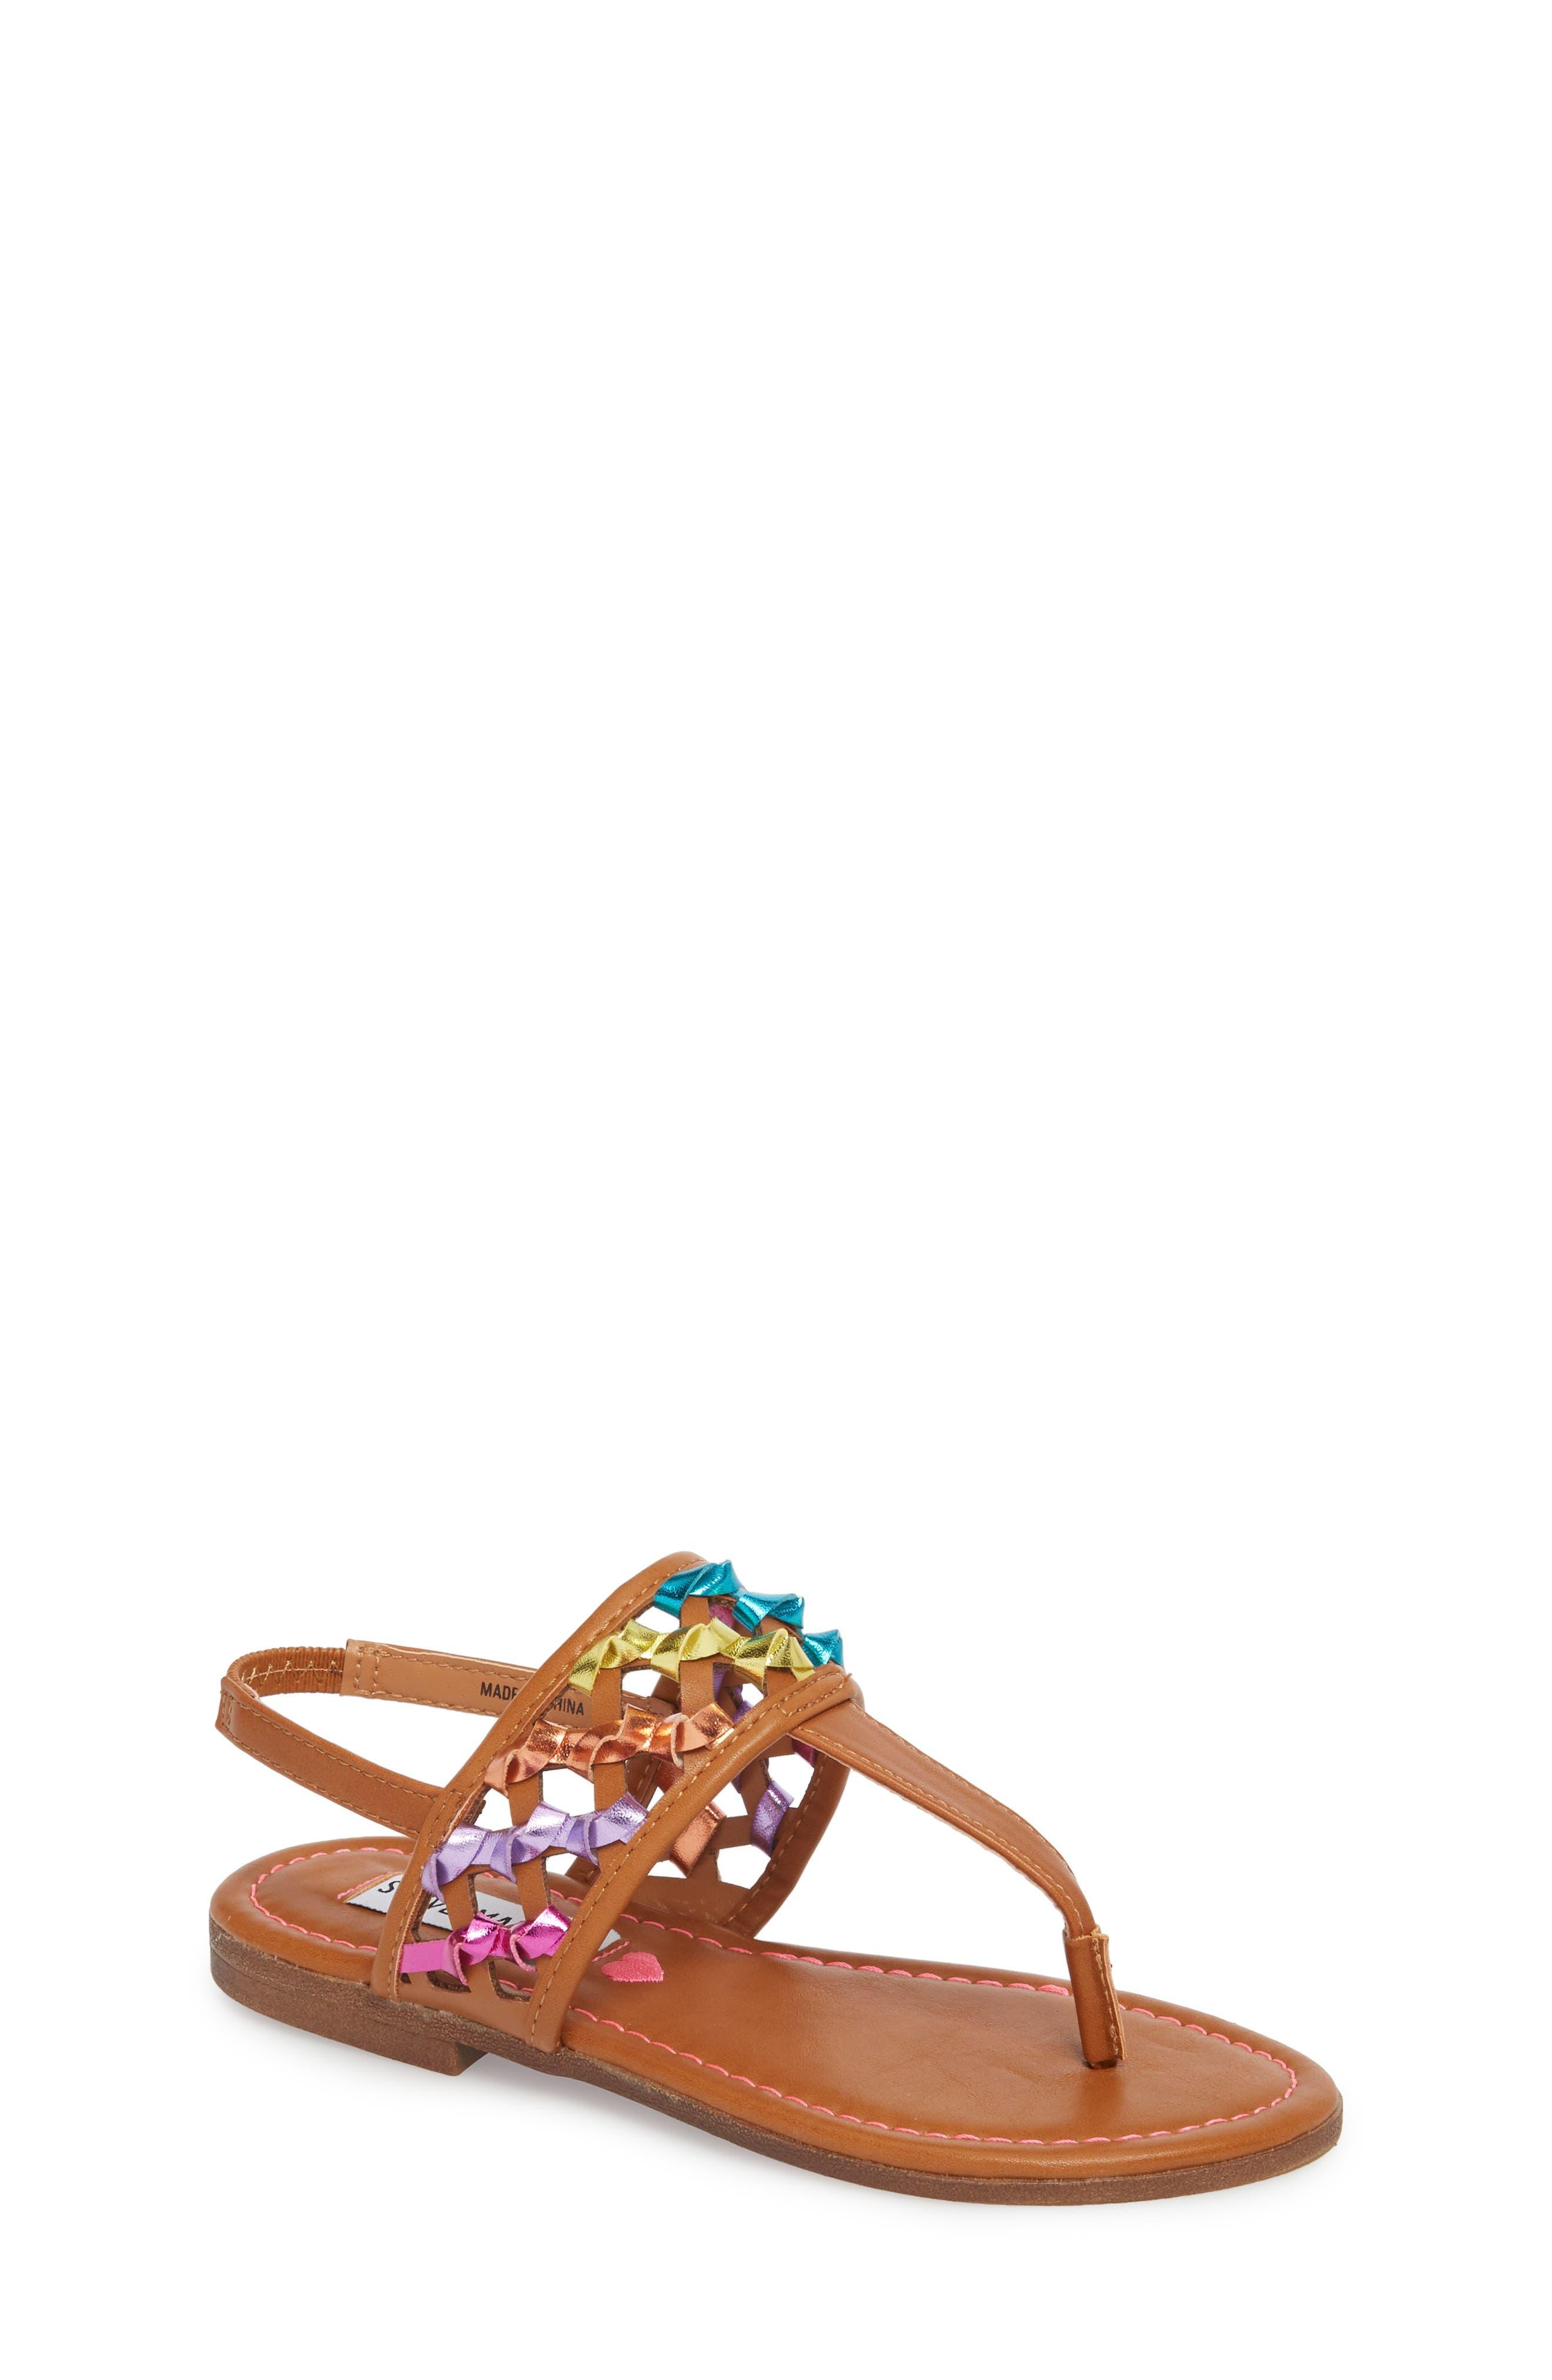 JTWIZZLE Knotted T-Strap Sandal,                             Main thumbnail 1, color,                             200